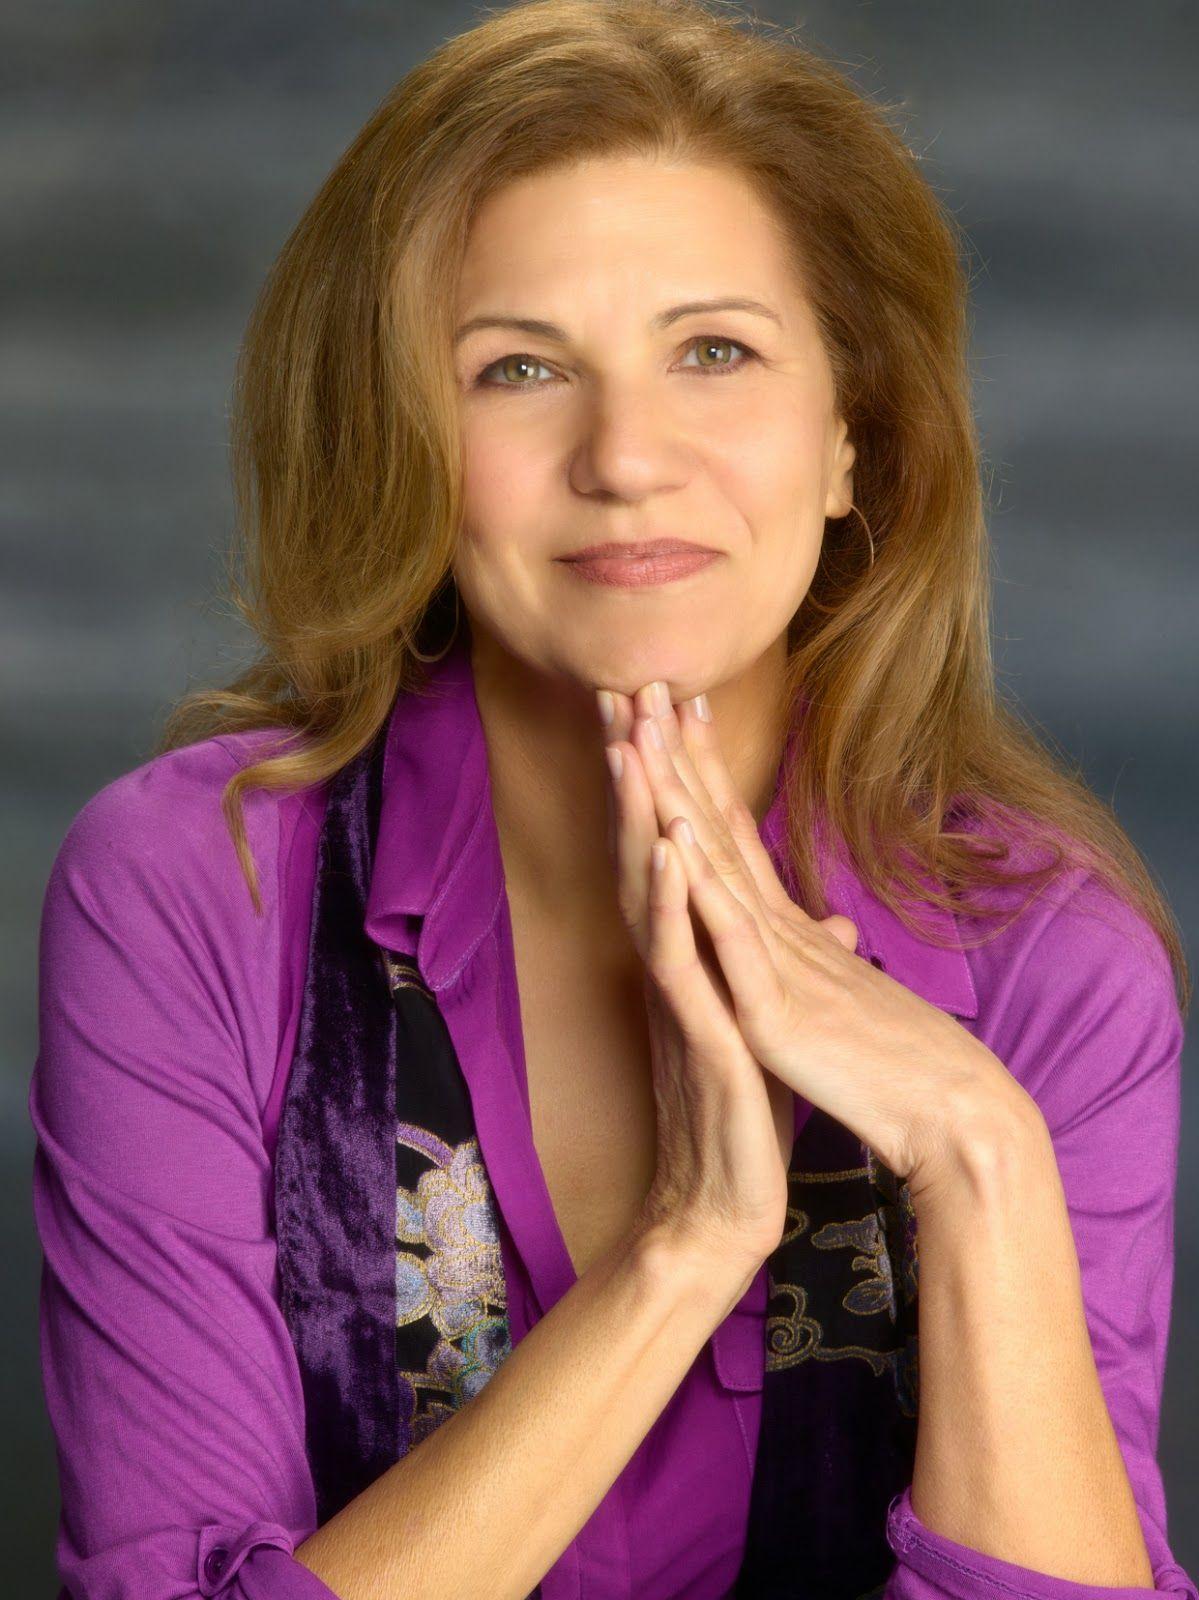 Jasmin Tabatabai,May Collins Hot photo Gail O'Grady born January 23, 1963 (age 55),Jennifer Laura Thompson